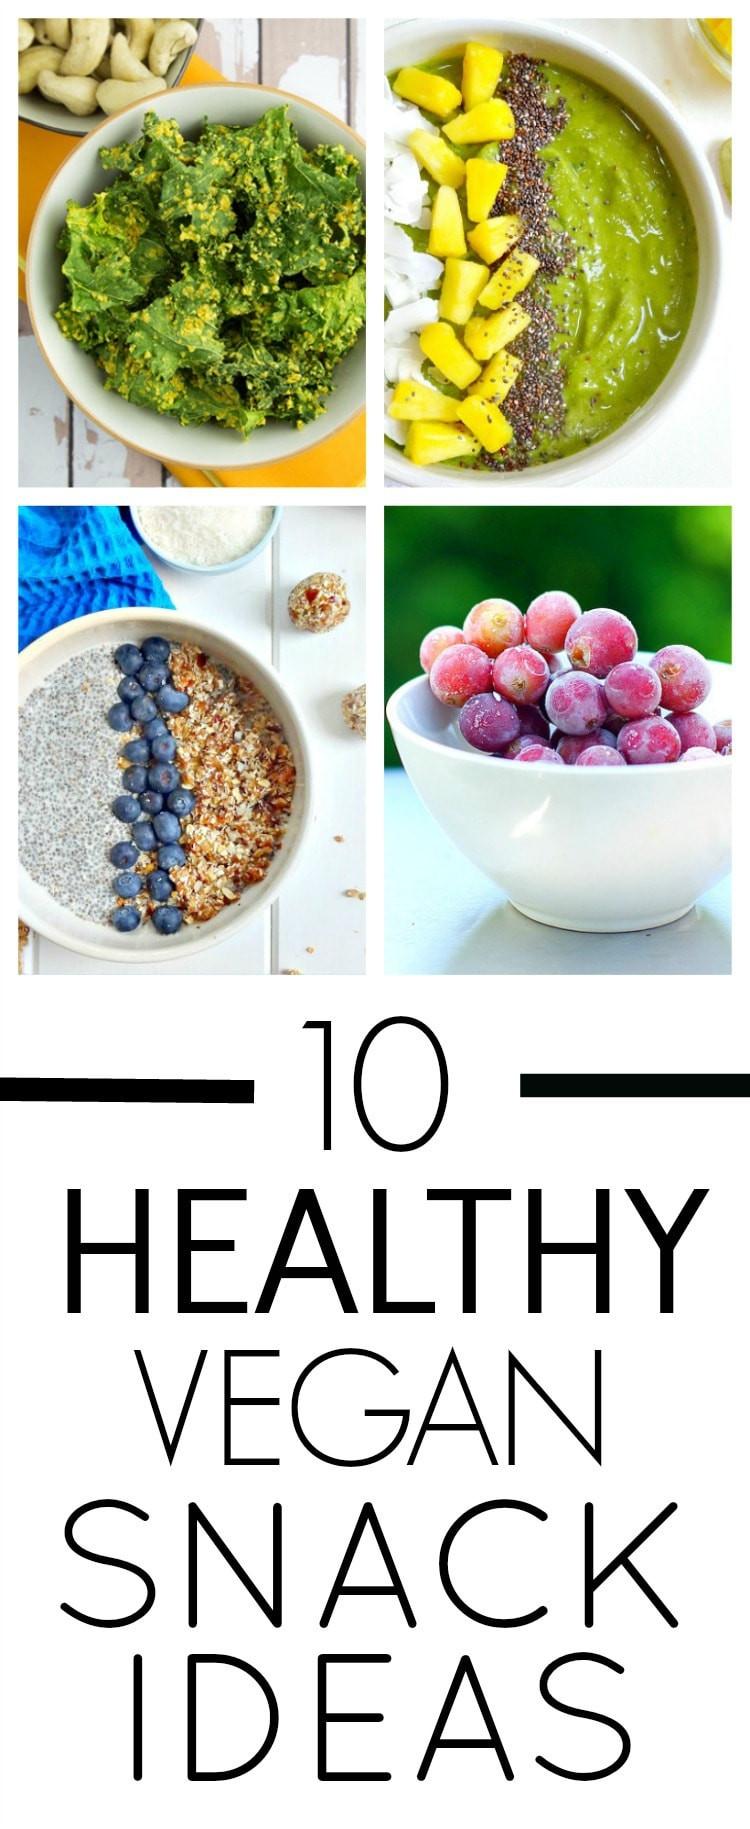 Healthy Vegetarian Snacks  10 Healthy Vegan Snack Ideas The Glowing Fridge